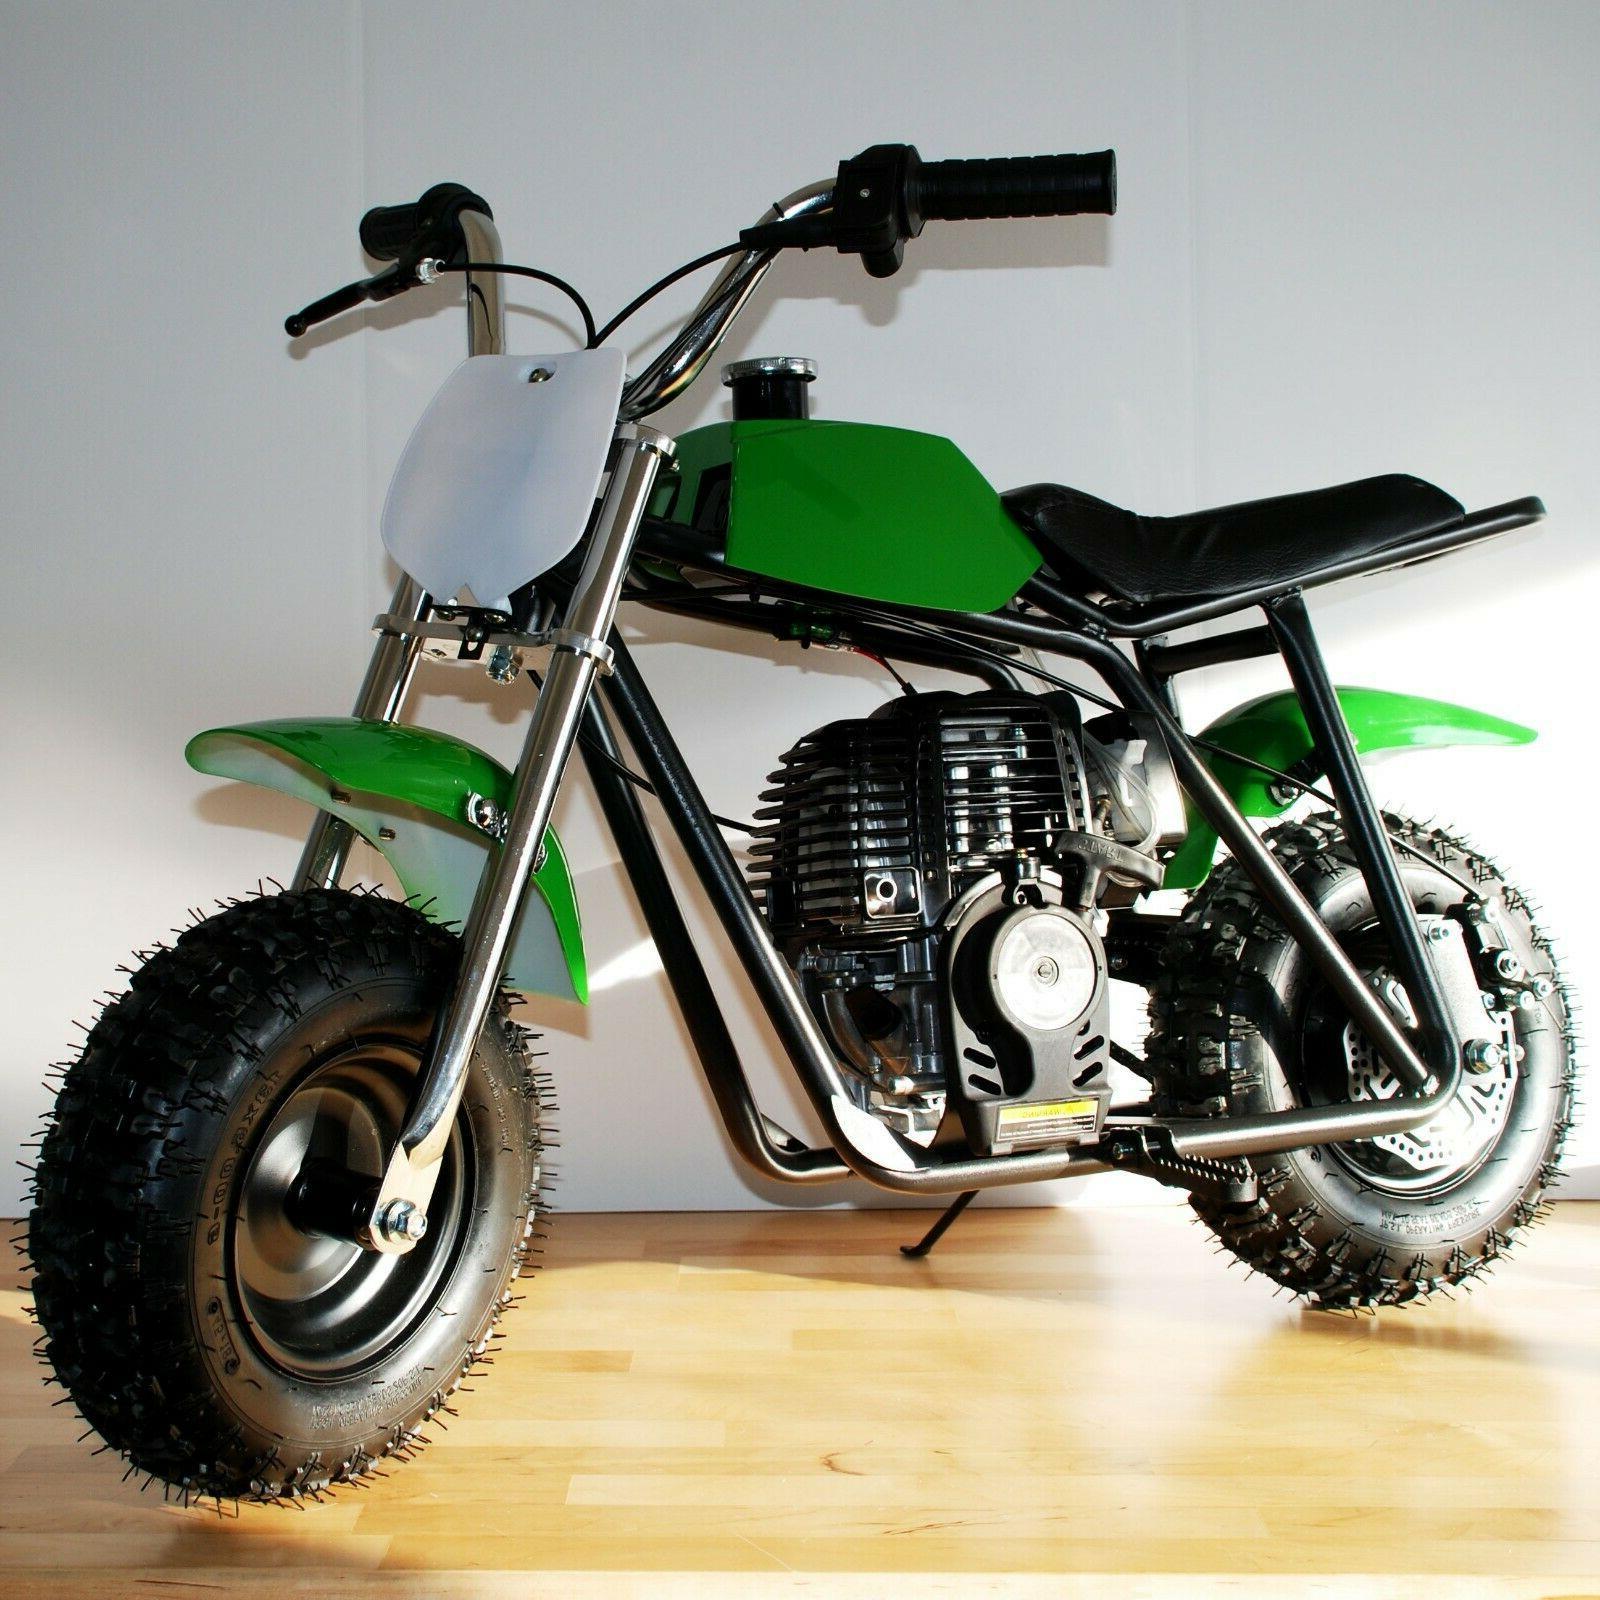 40cc Gas Bike - - old school